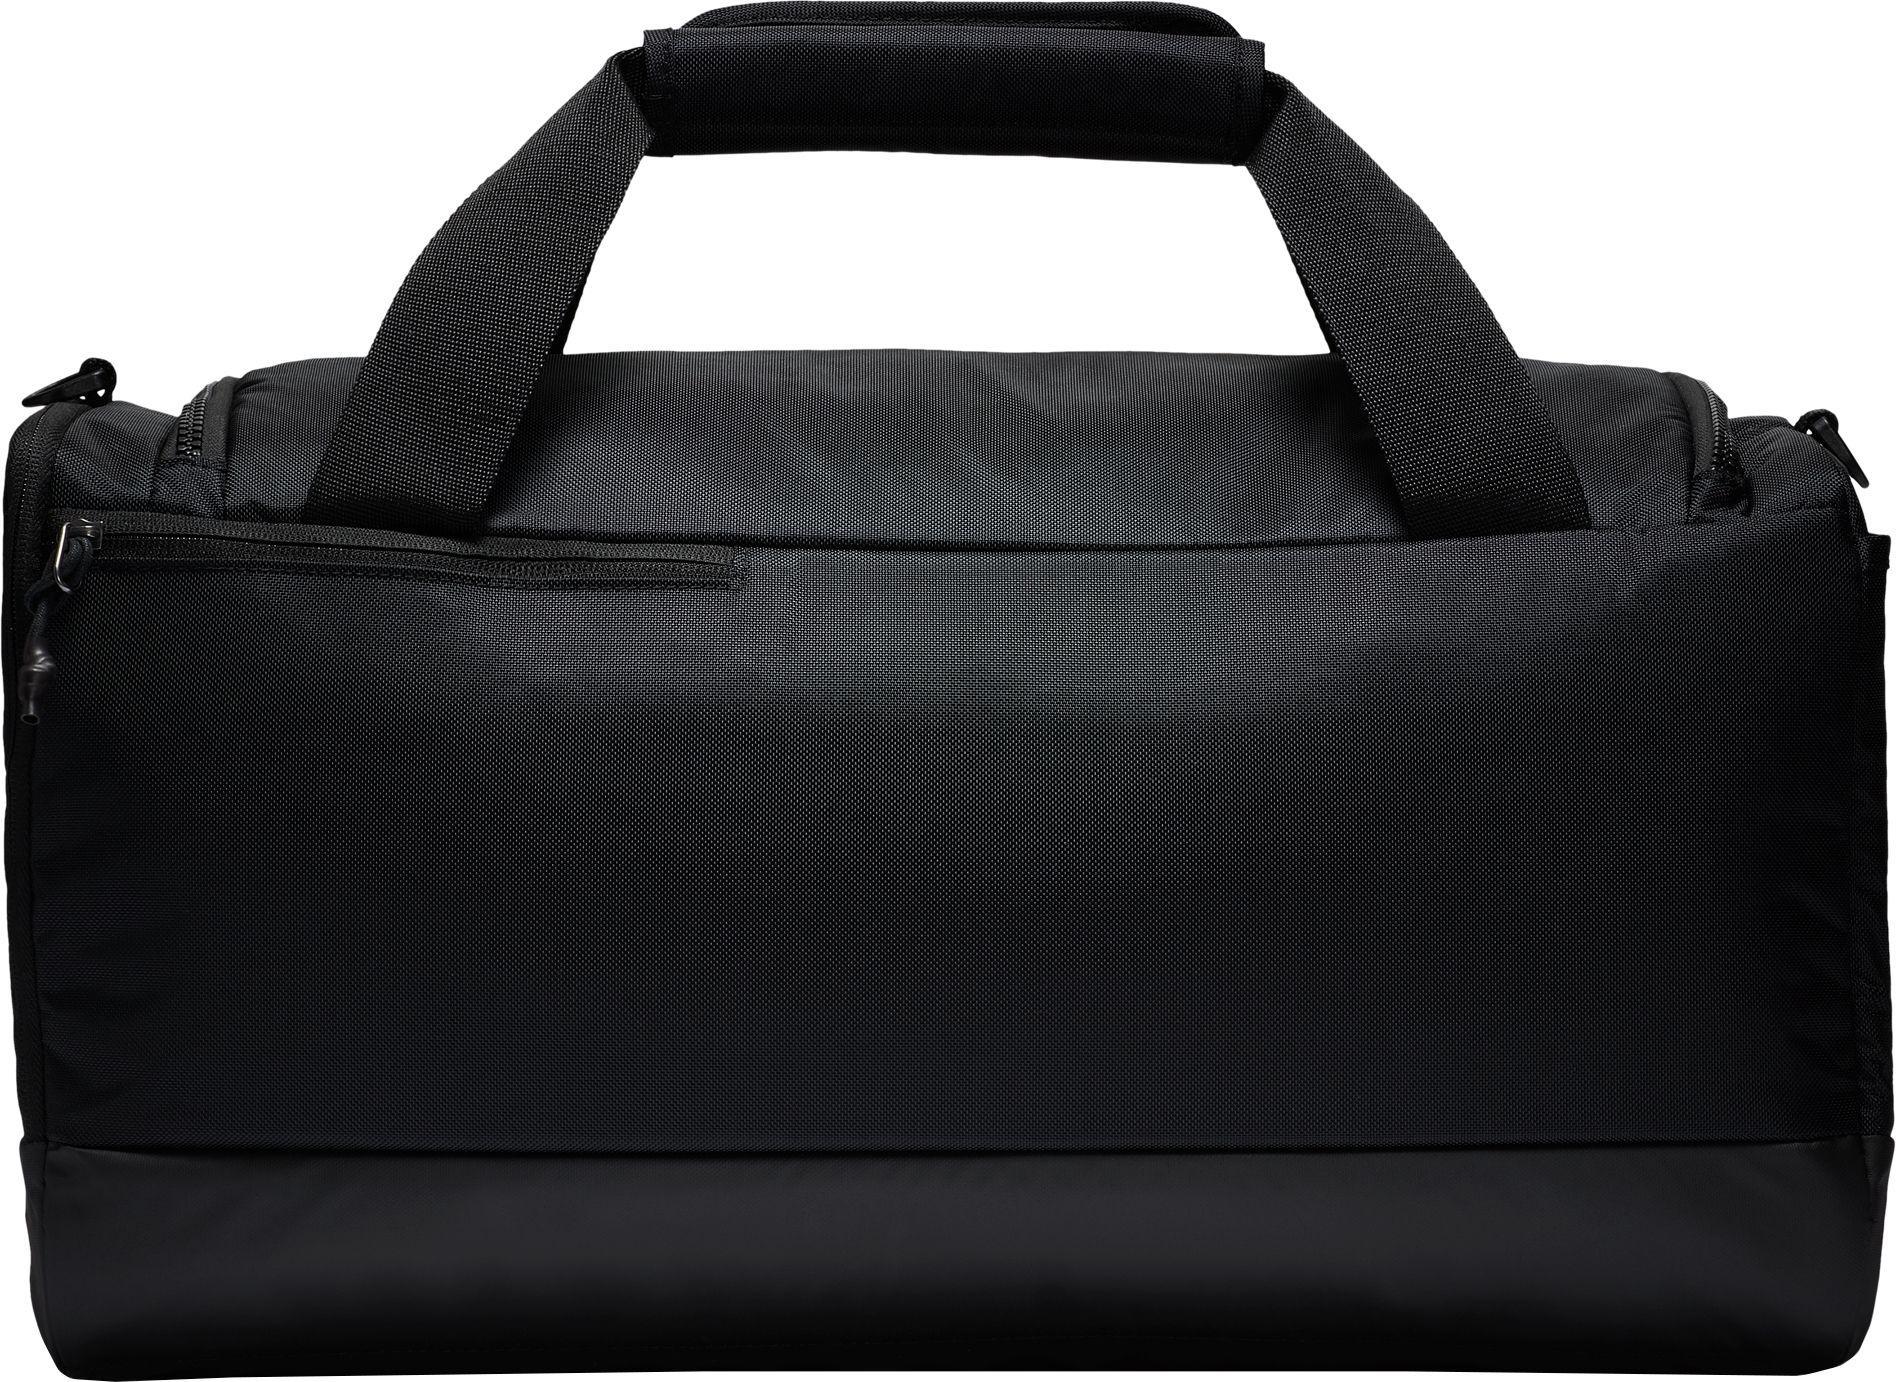 Lyst - Nike Vapor Power Small Training Duffle in Black for Men ec8bacb145